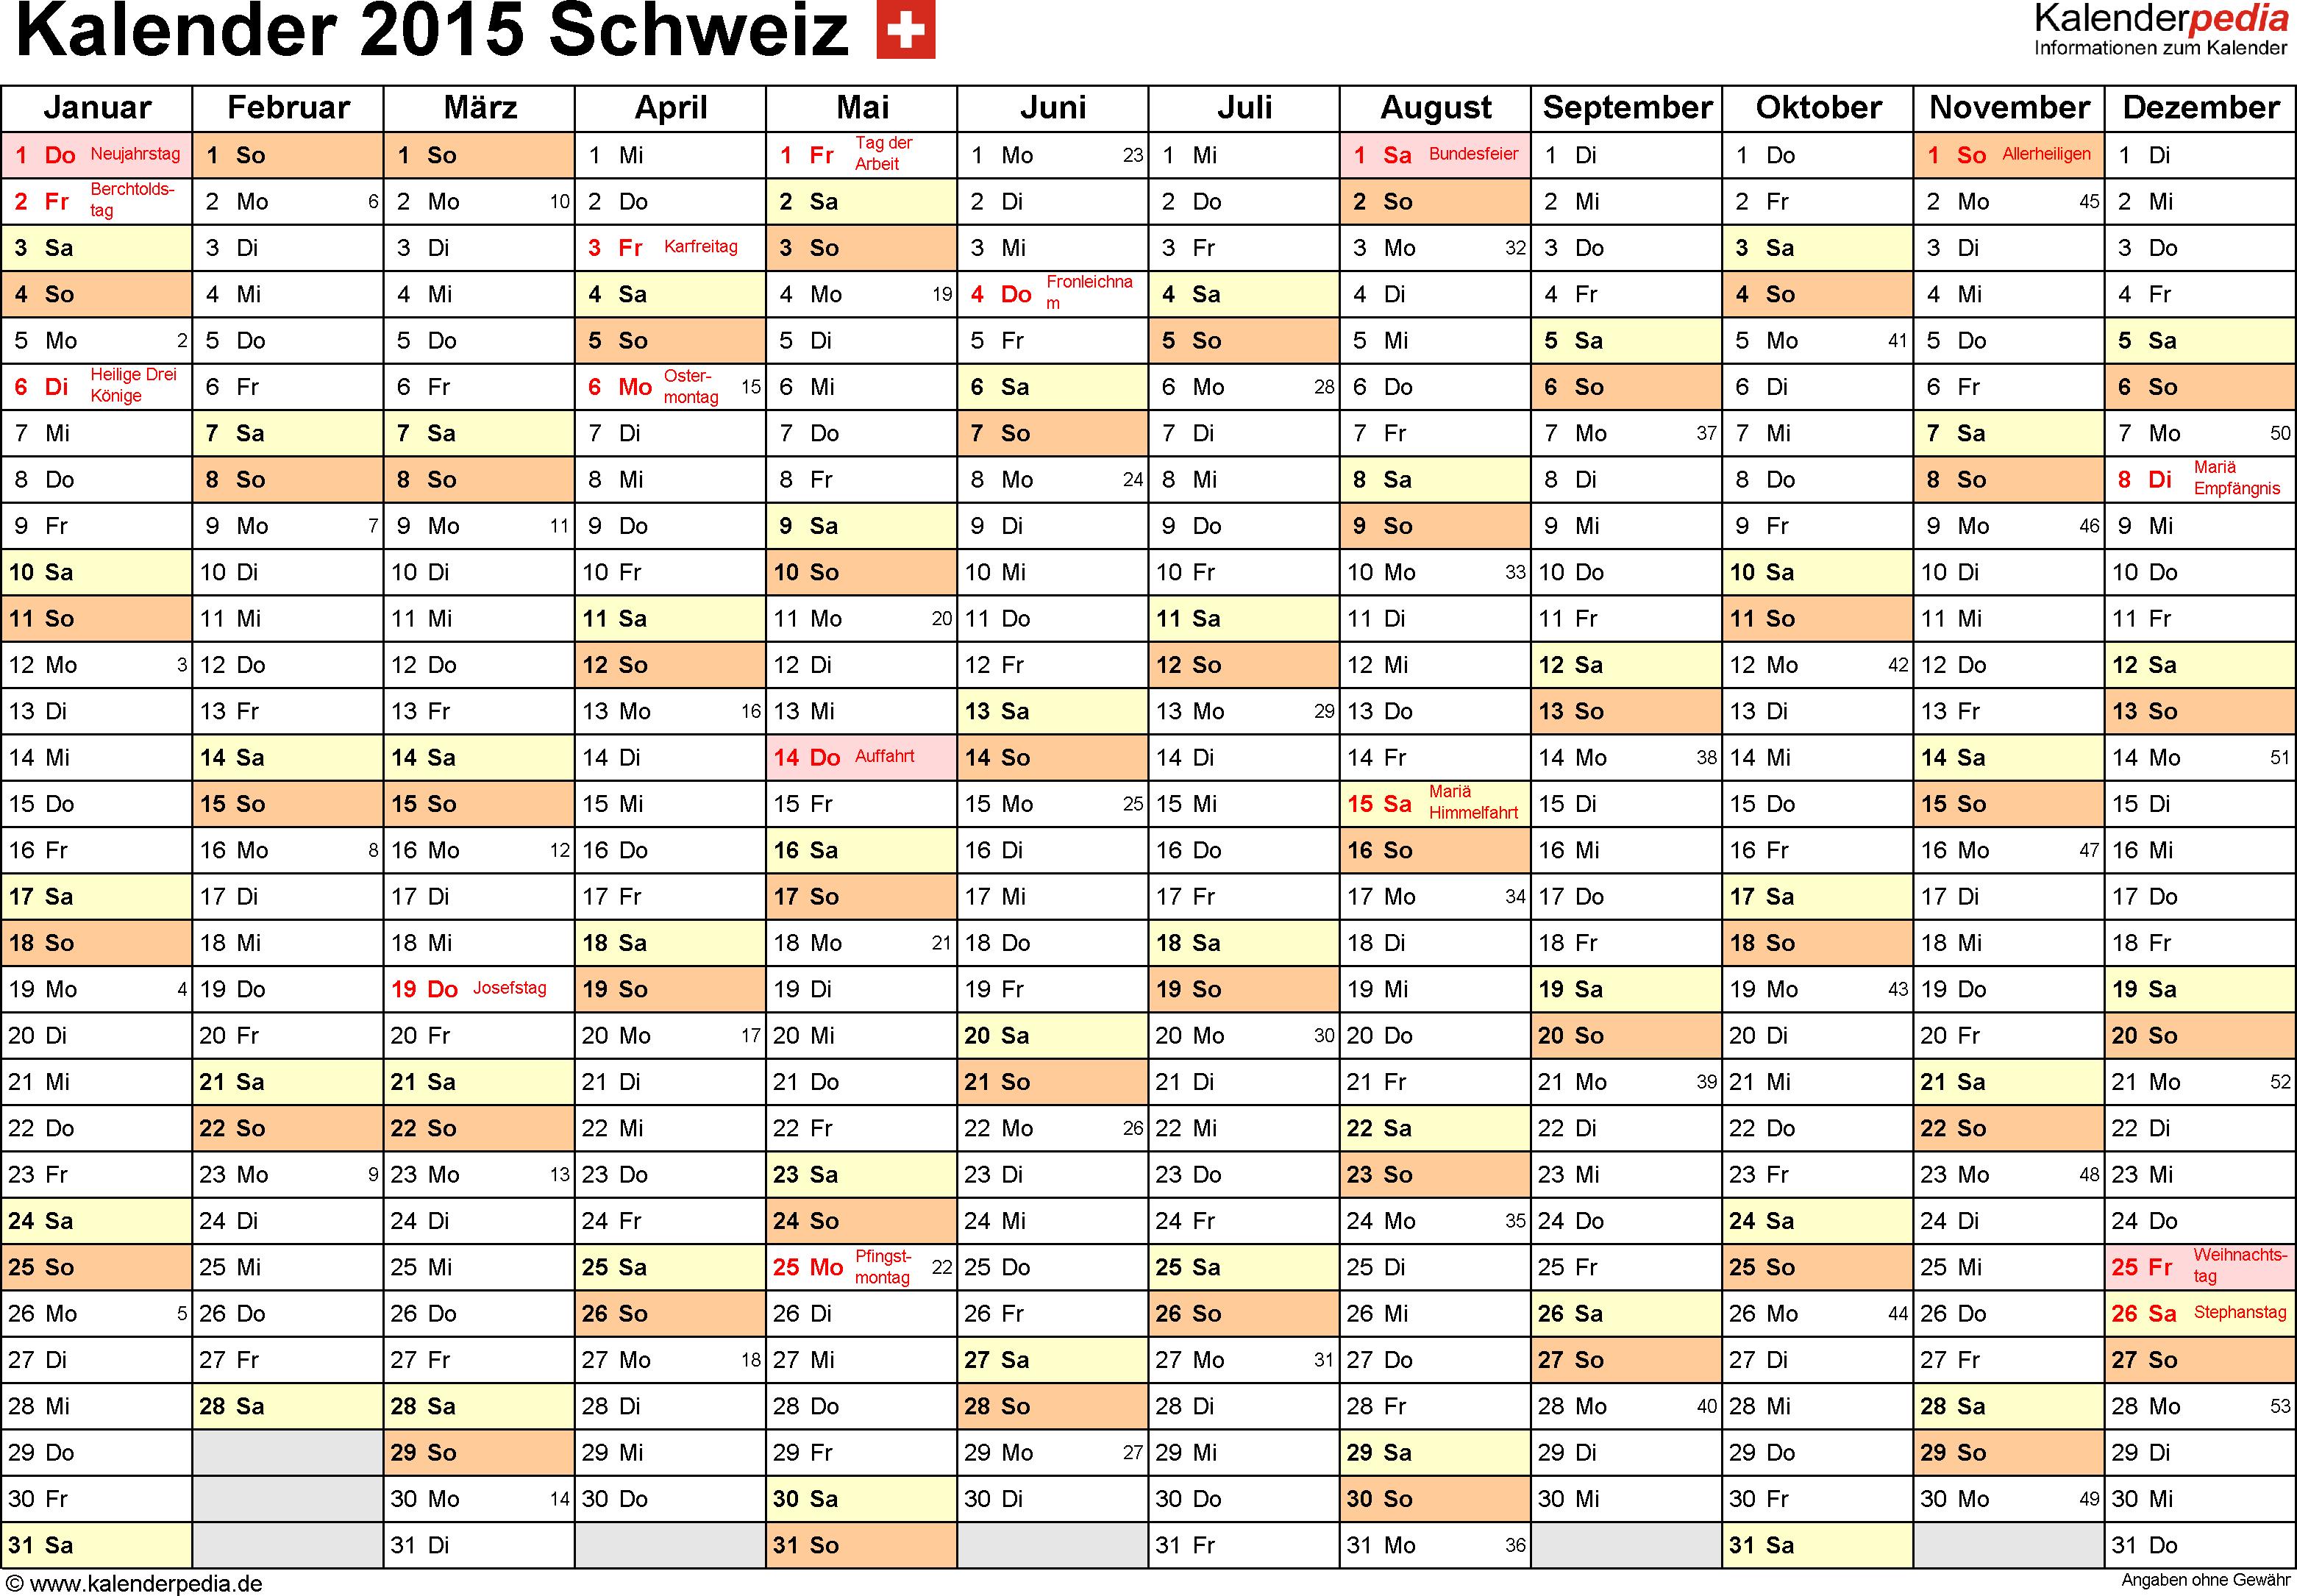 Kalender 2015 Schweiz in Excel zum Ausdrucken